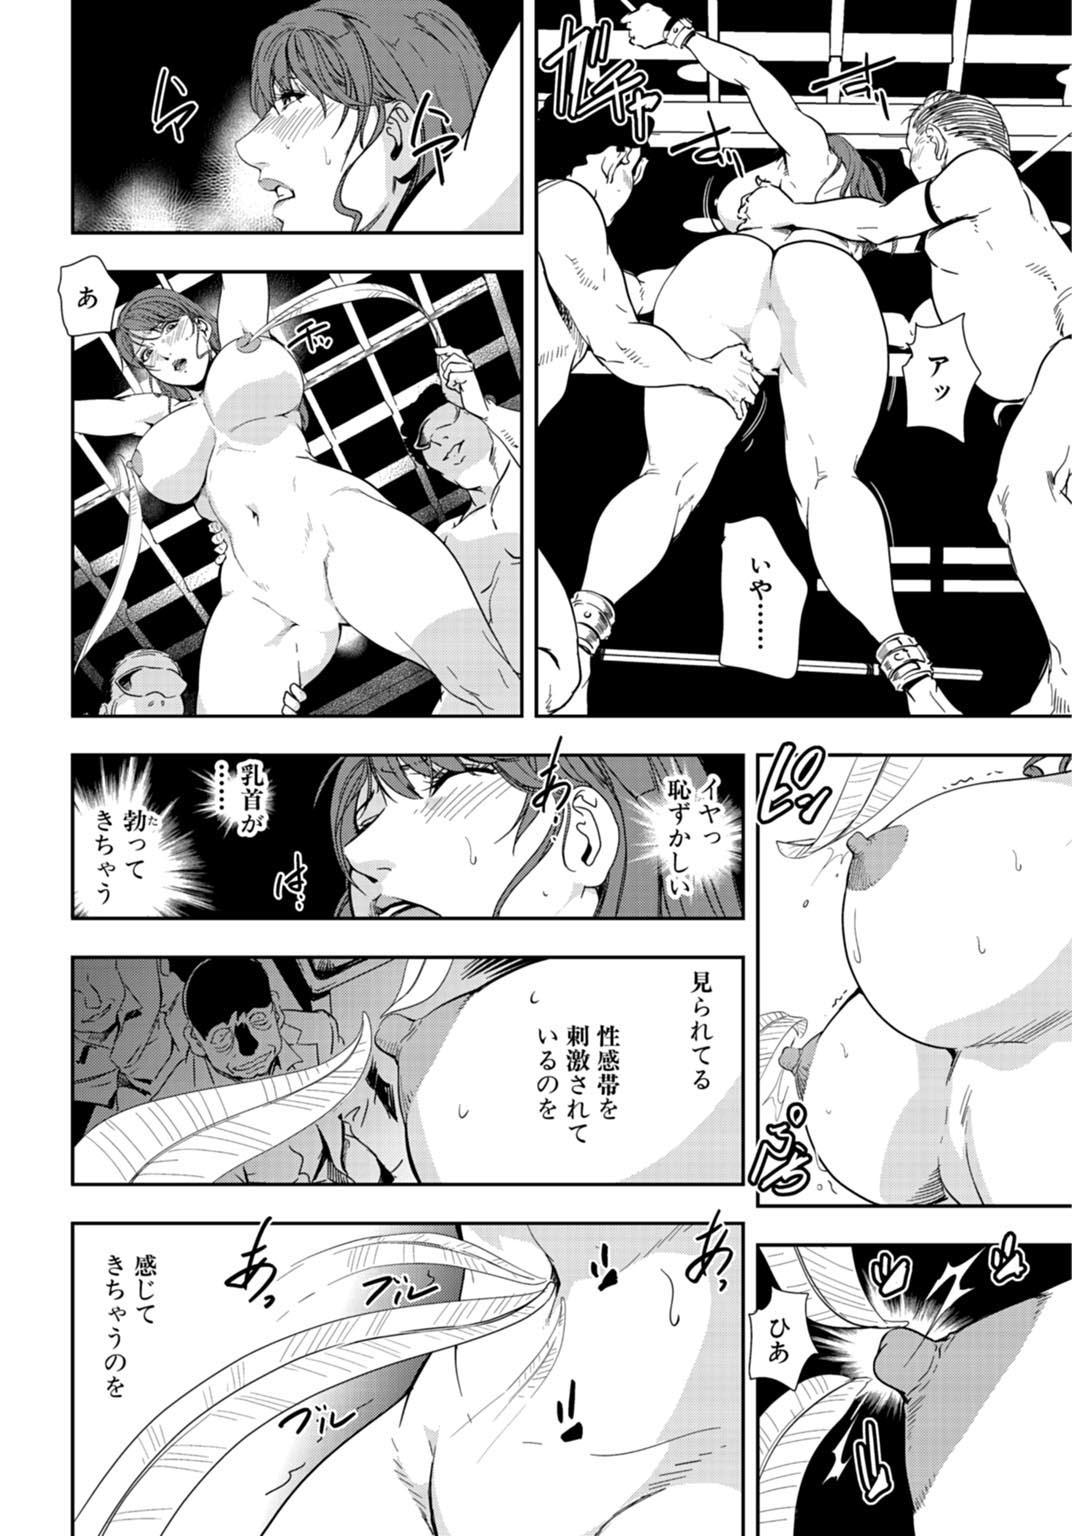 Nikuhisyo Yukiko 25 62